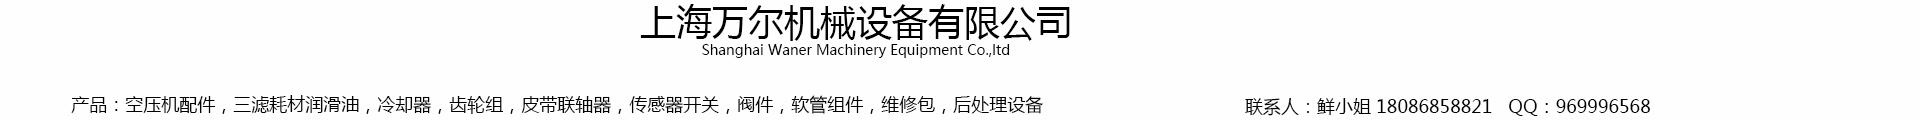 上海万尔机械设备有限公司